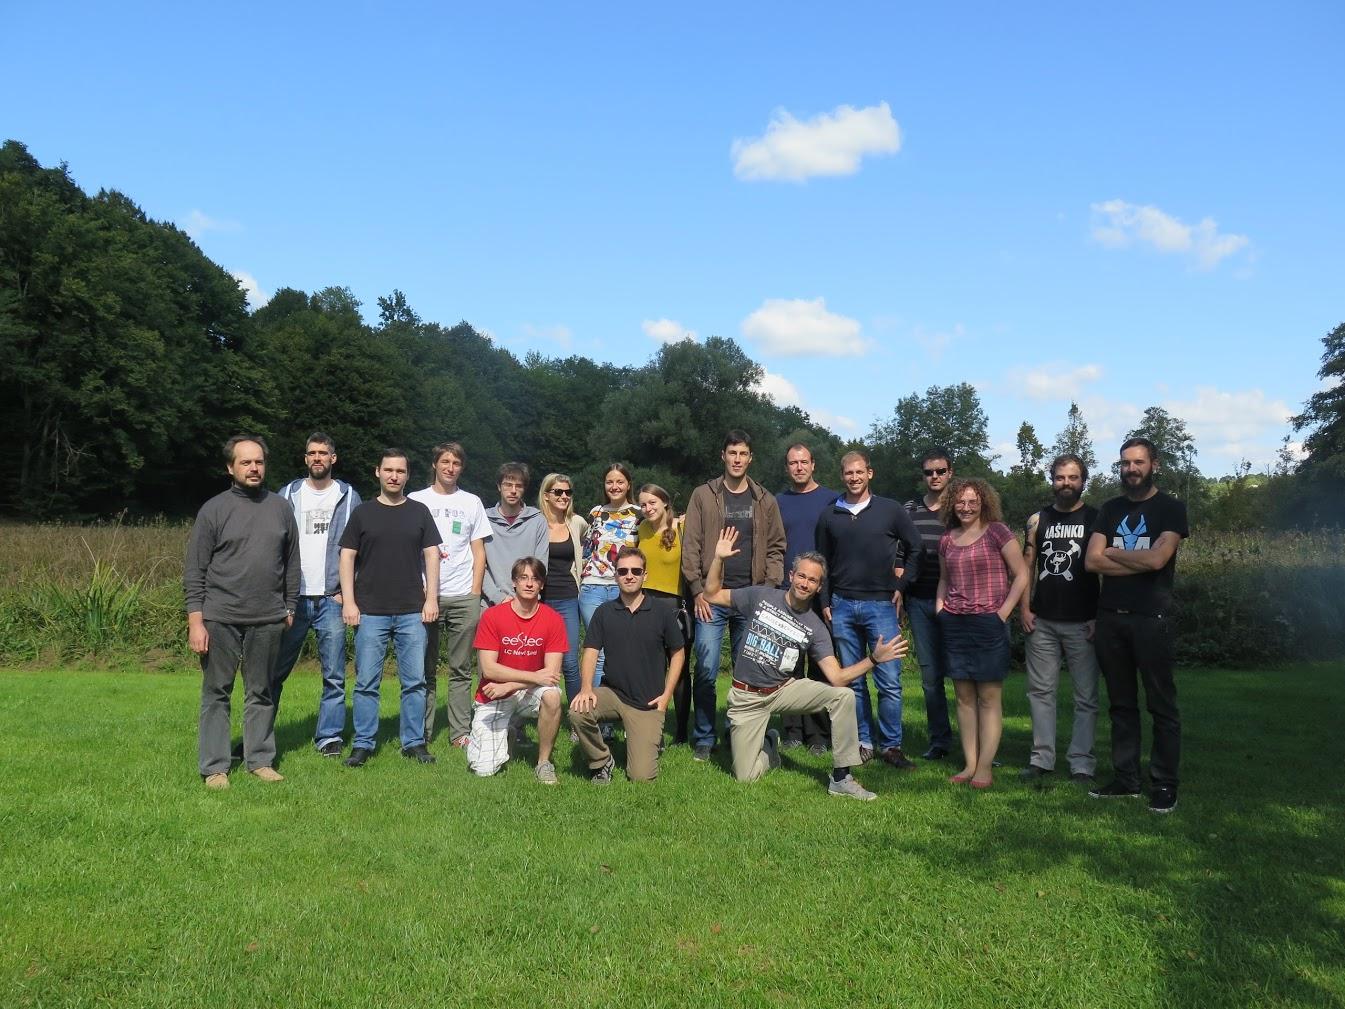 Visage Technologies team